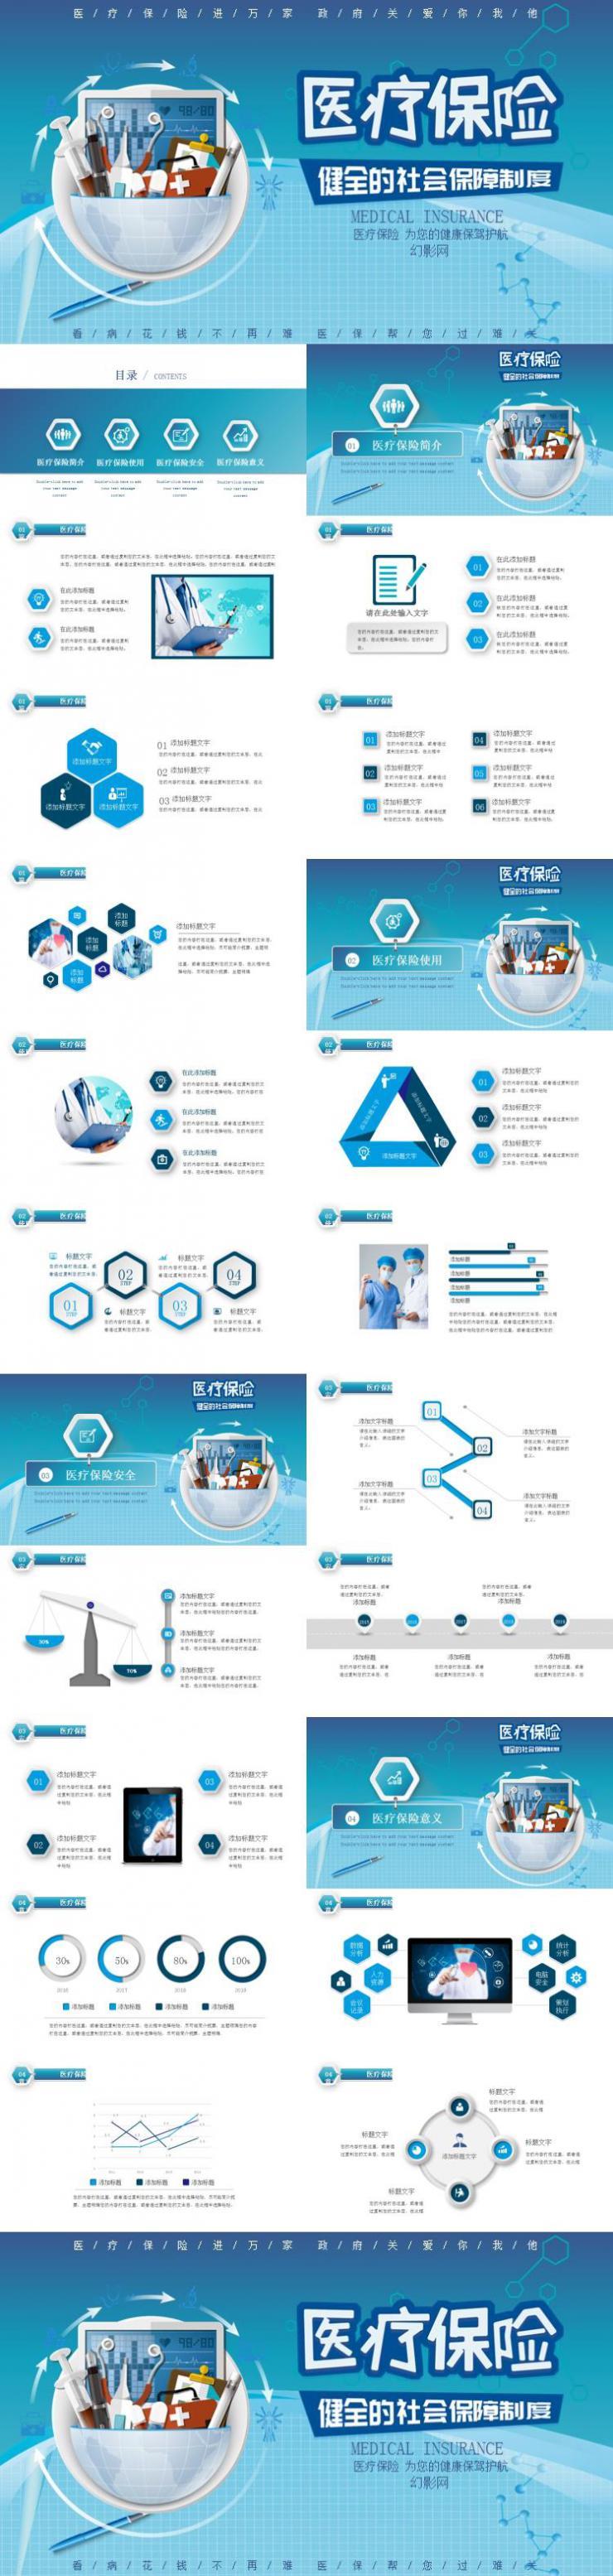 蓝色微粒体大气医疗保险主题PPT模板